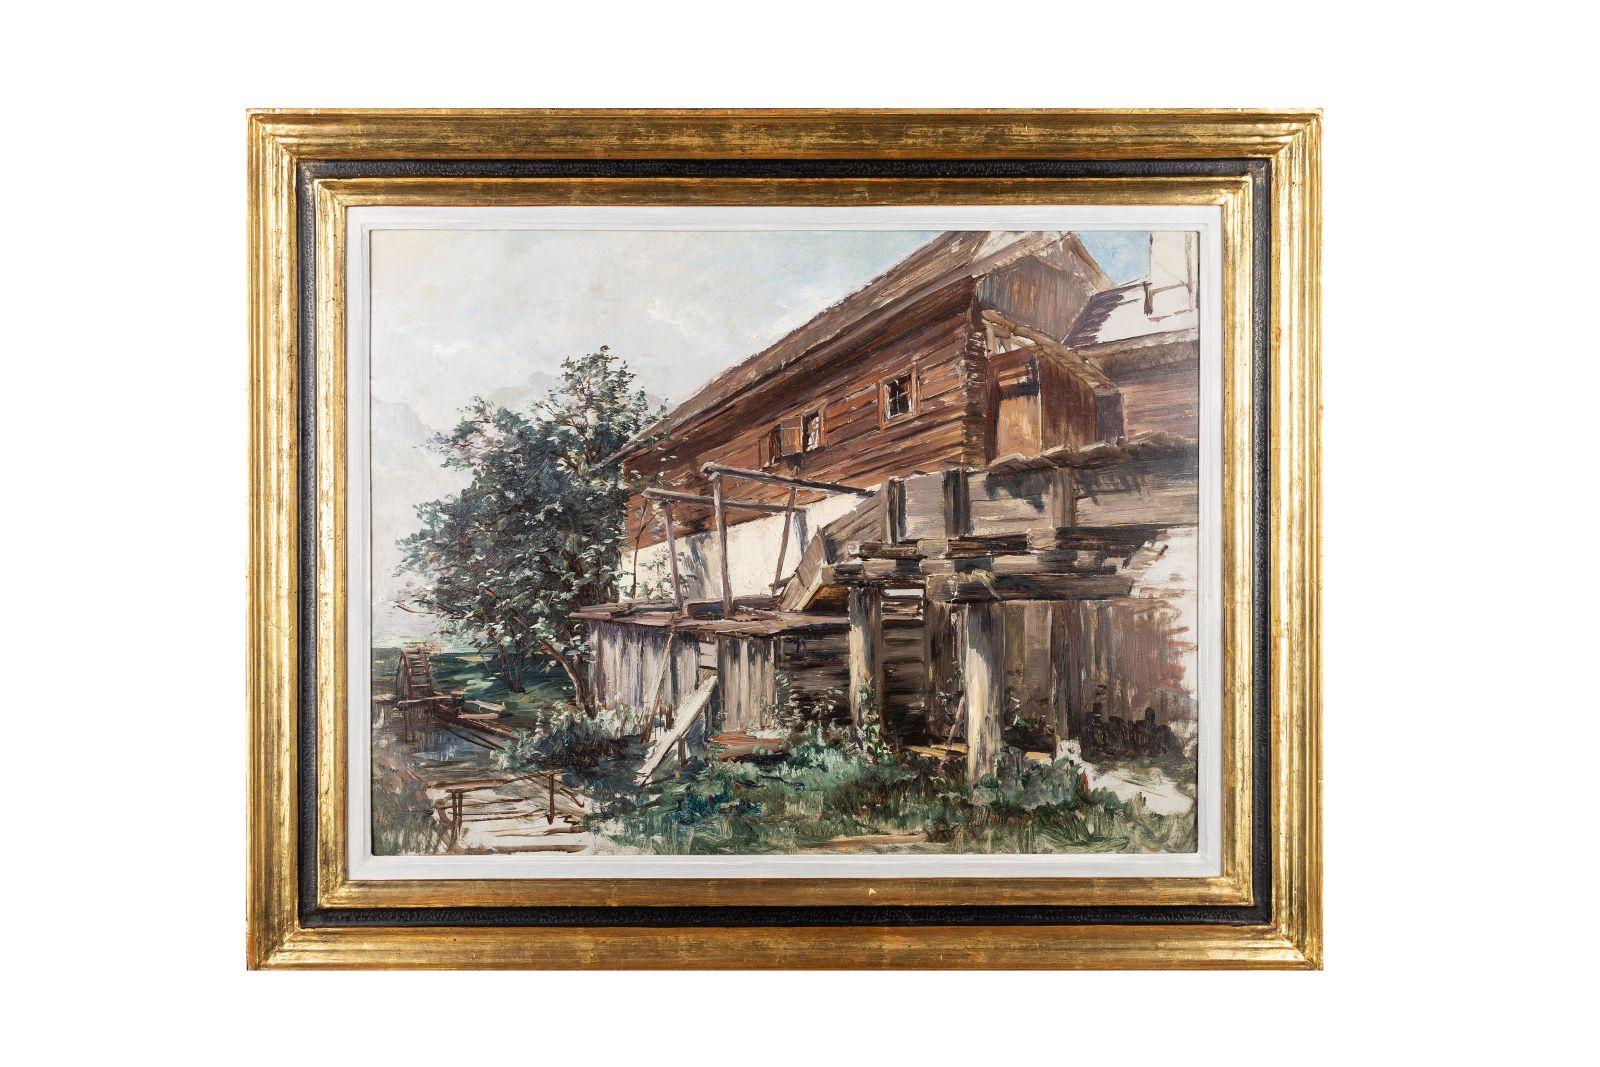 #81 Carl Kaiser-Herbst, Image